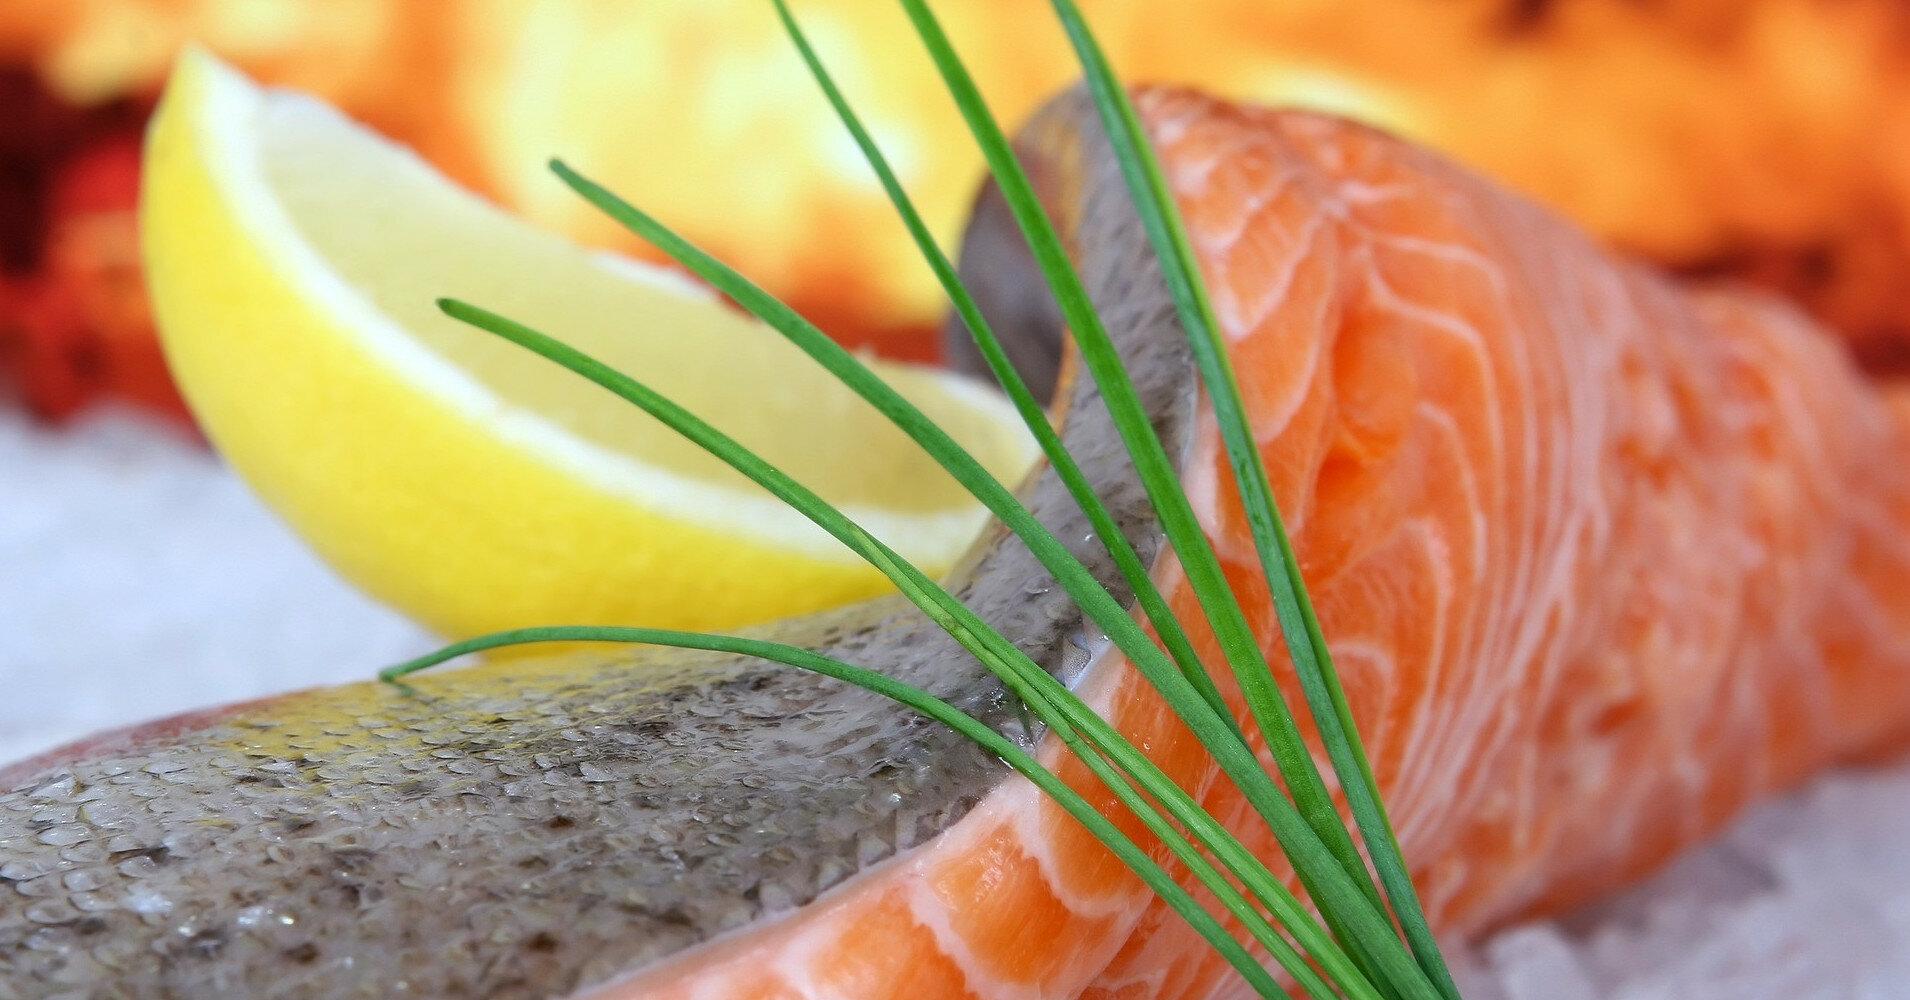 Безопасно ли для здоровья есть рыбу с кожей